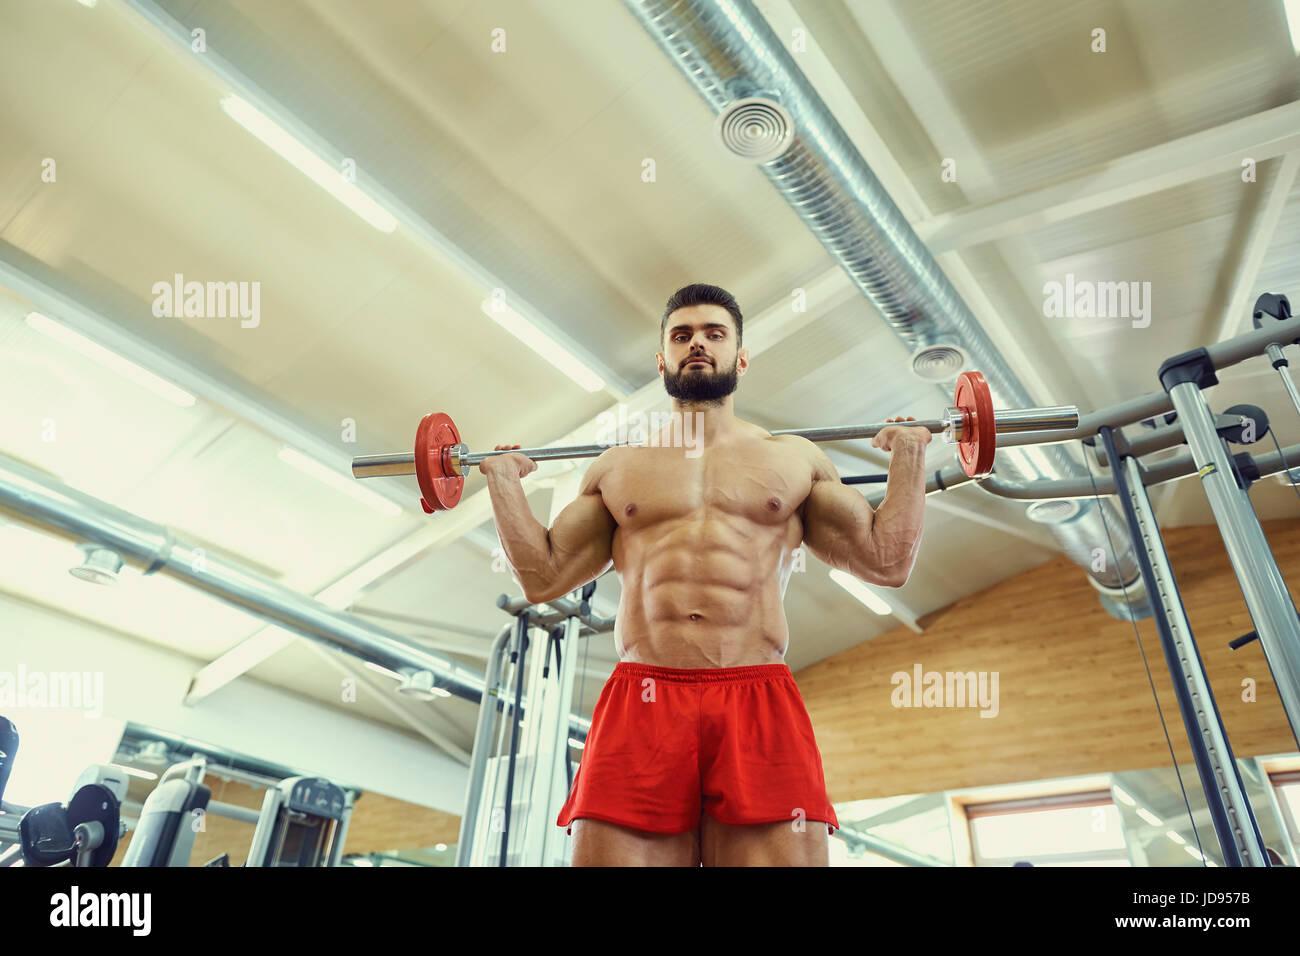 Con un culturista barbell hace ejercicios en el gimnasio. Imagen De Stock